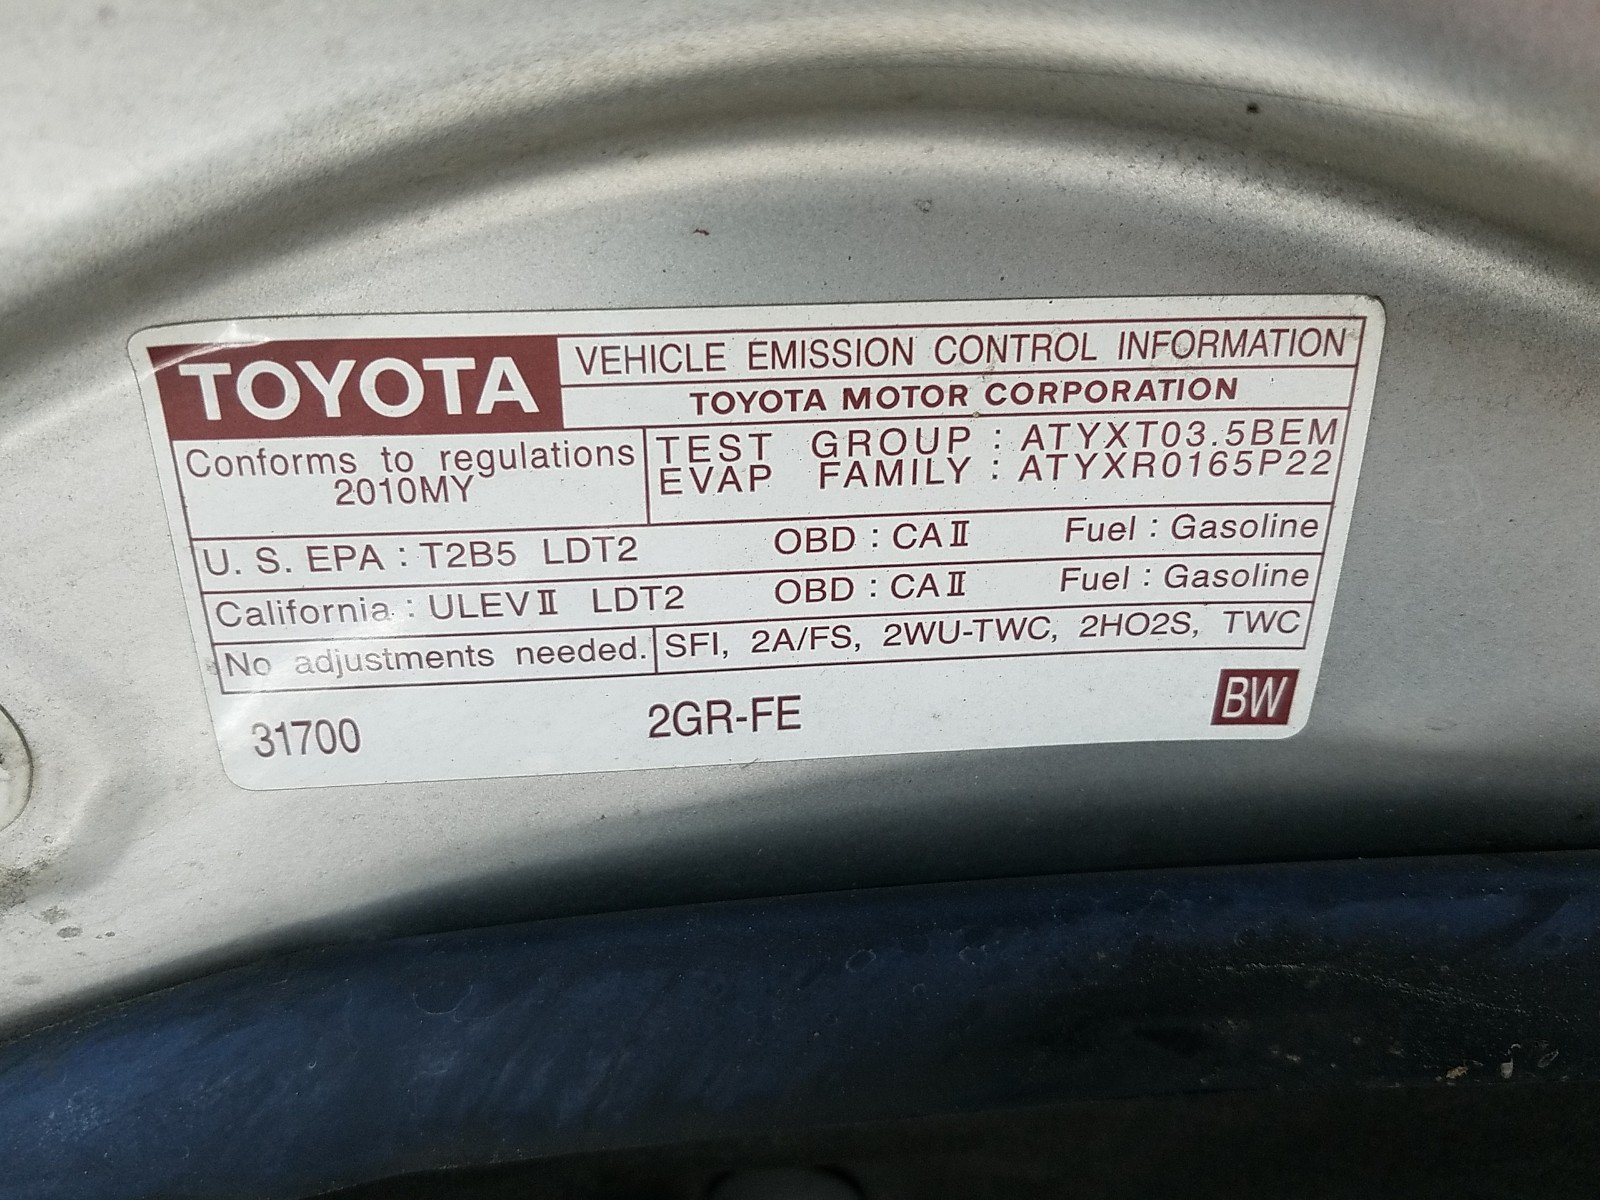 Used 2010 Toyota Highlander Base V6 For Sale | Greenville SC | Stock